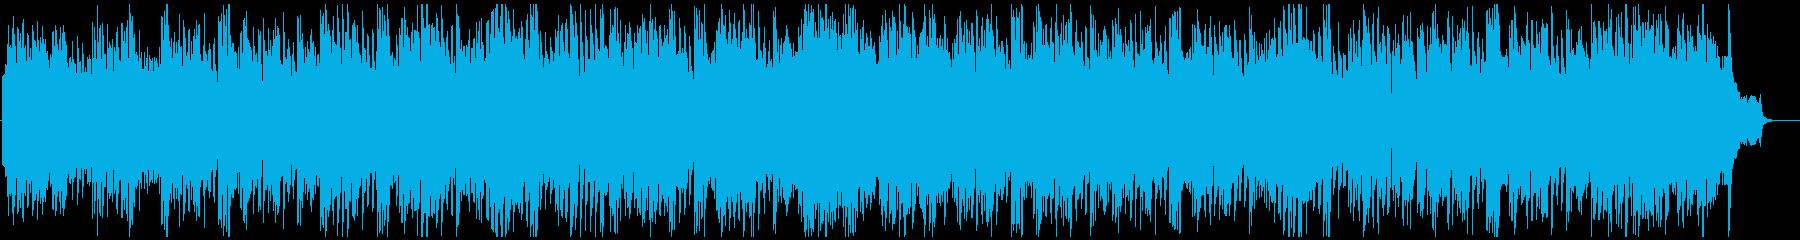 ドラマのオープニングのような感動的な曲の再生済みの波形